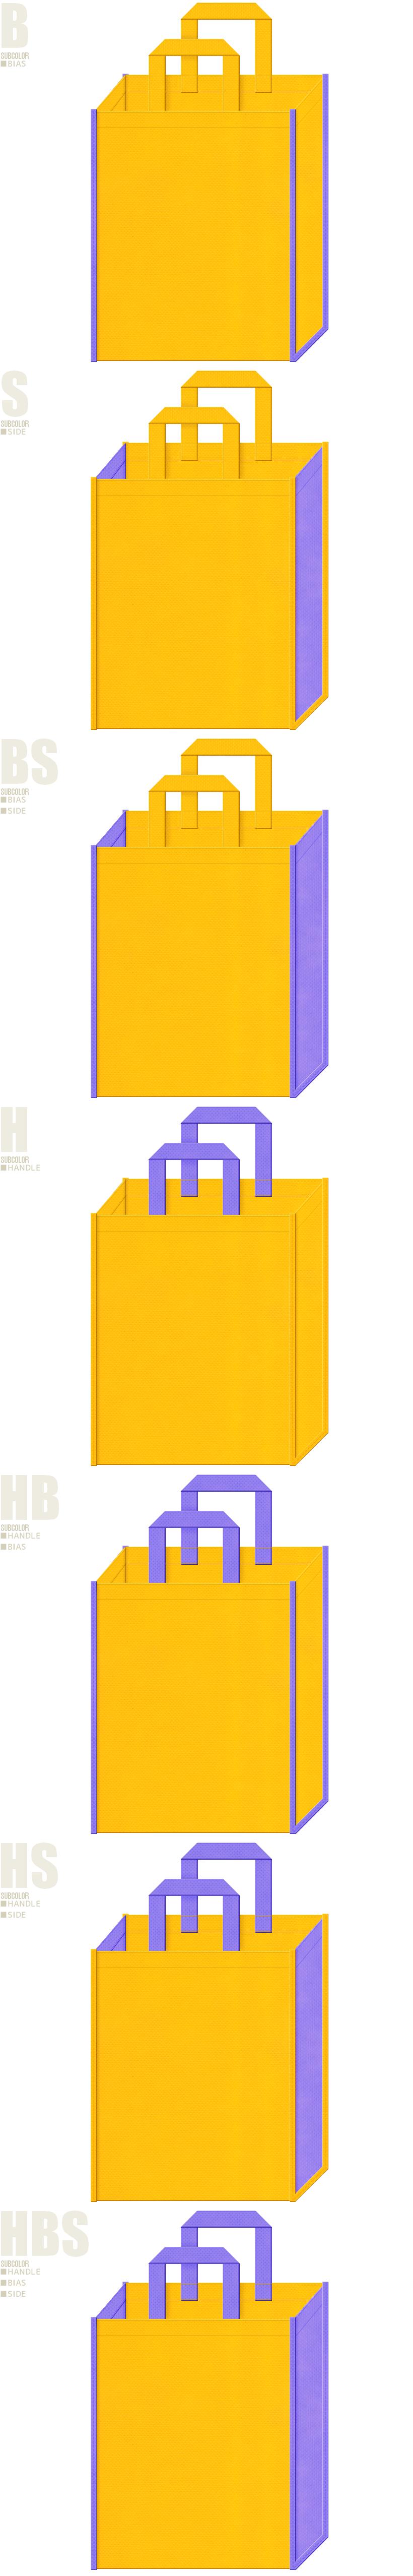 おもちゃ・テーマパーク・おとぎ話のイメージにお奨めの不織布バッグデザイン:黄色と薄紫色の不織布バッグ配色7パターン。